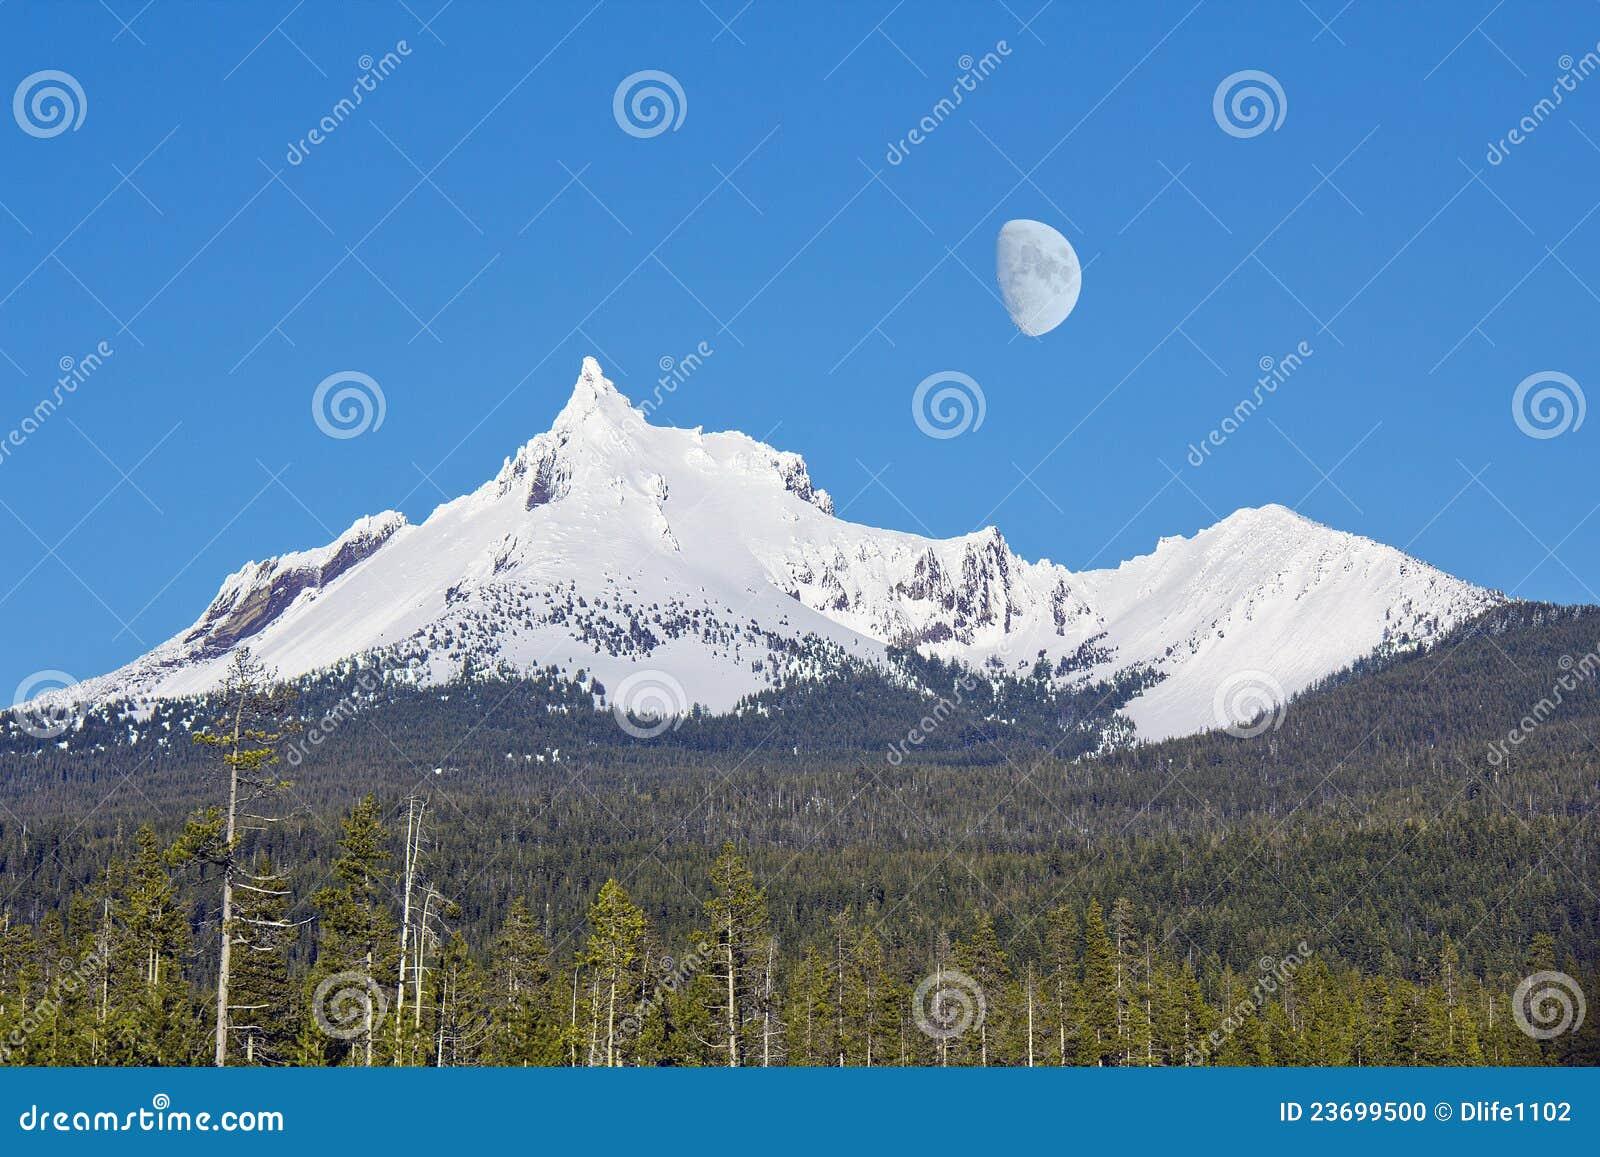 winter snow mountain moon - photo #37